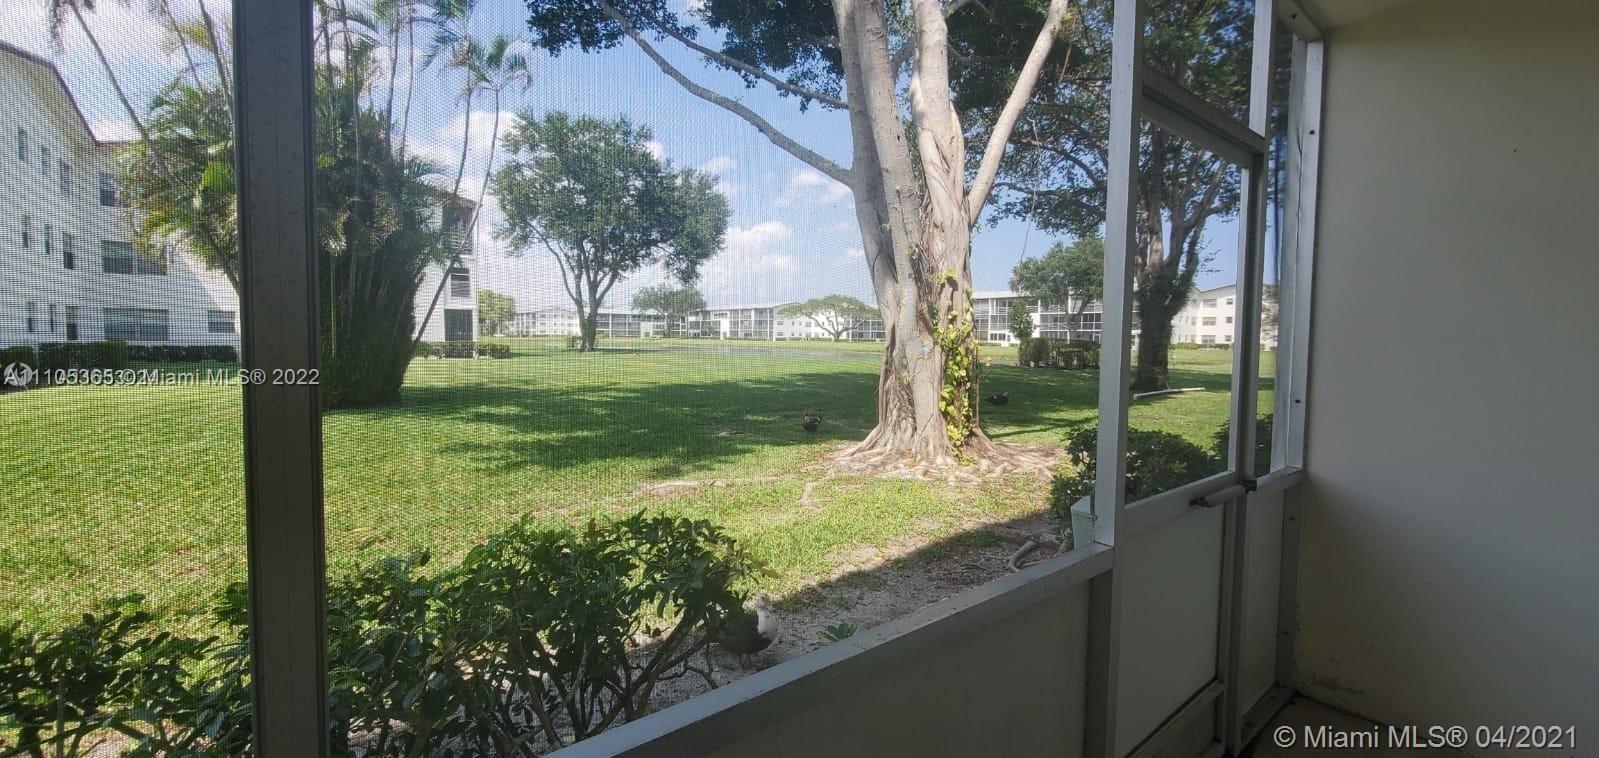 385 Fanshaw #J-385, Boca Raton, FL 33434 - #: A11105365